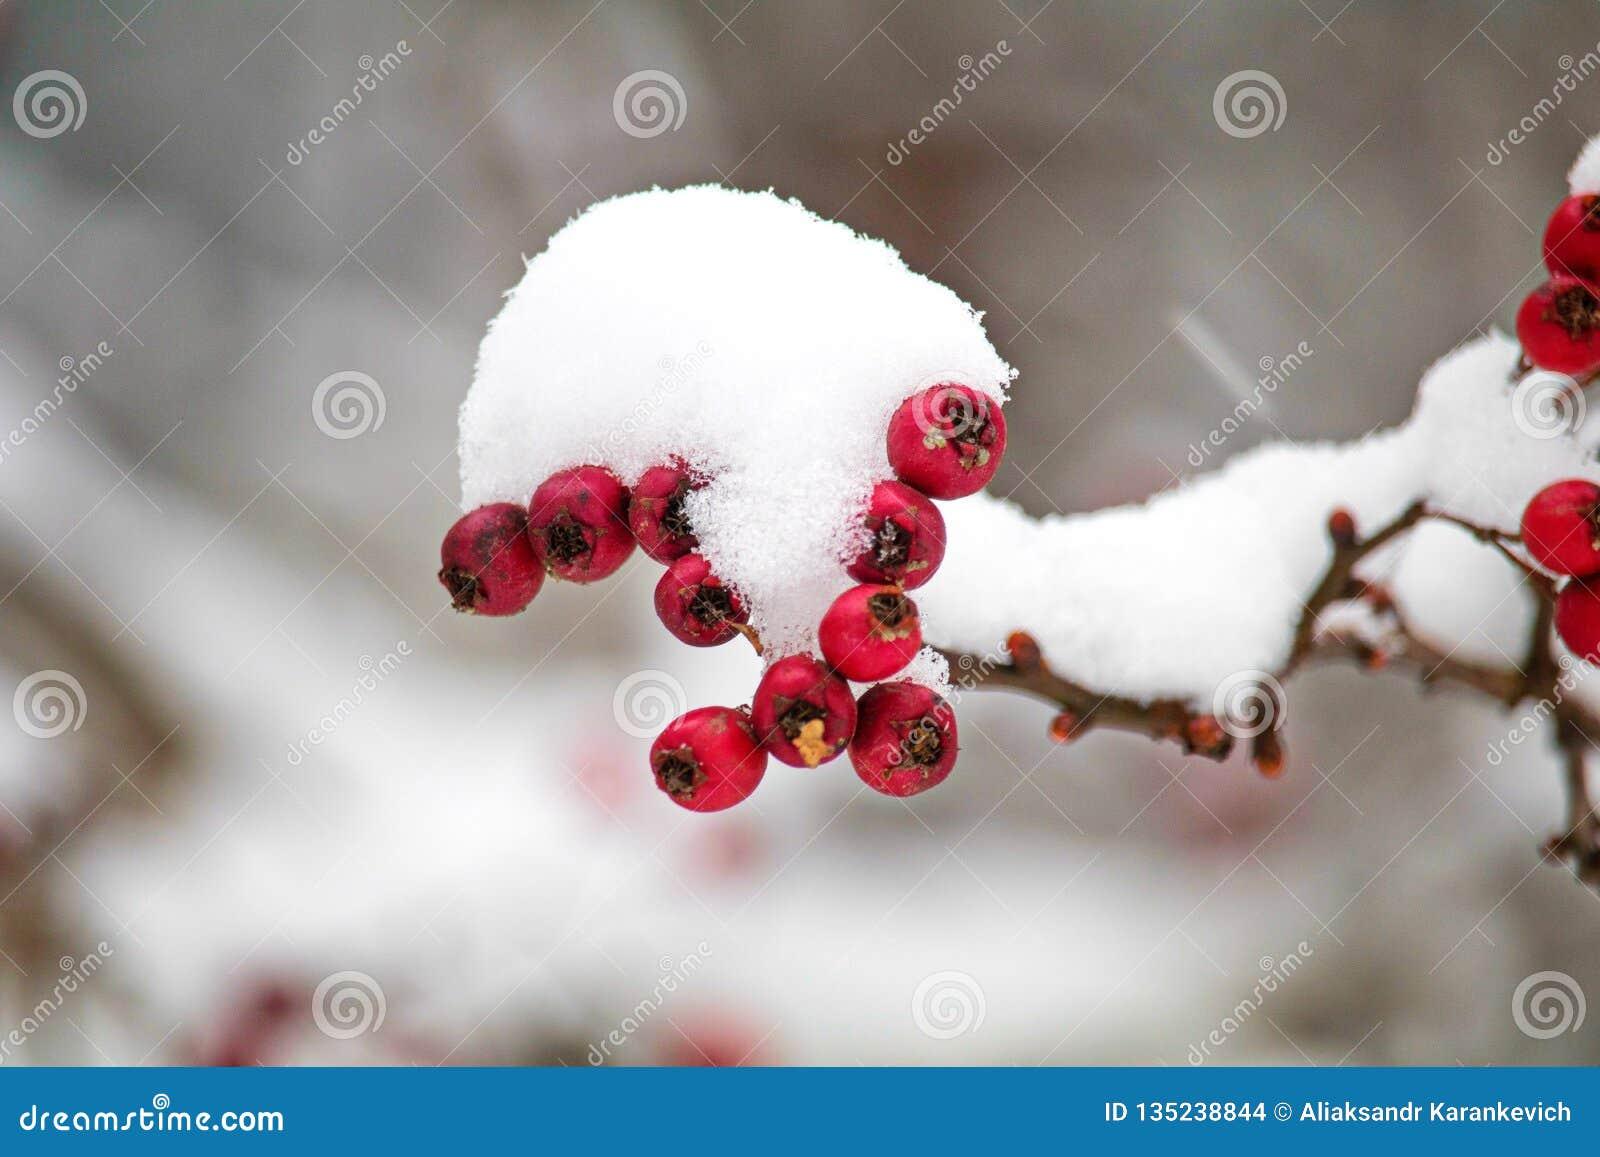 Czerwony halny popiół na gałąź pod śnieżną nakrętką tła ptaków karmy lasowa śnieżna zima zamarznięte jagody w mrozie